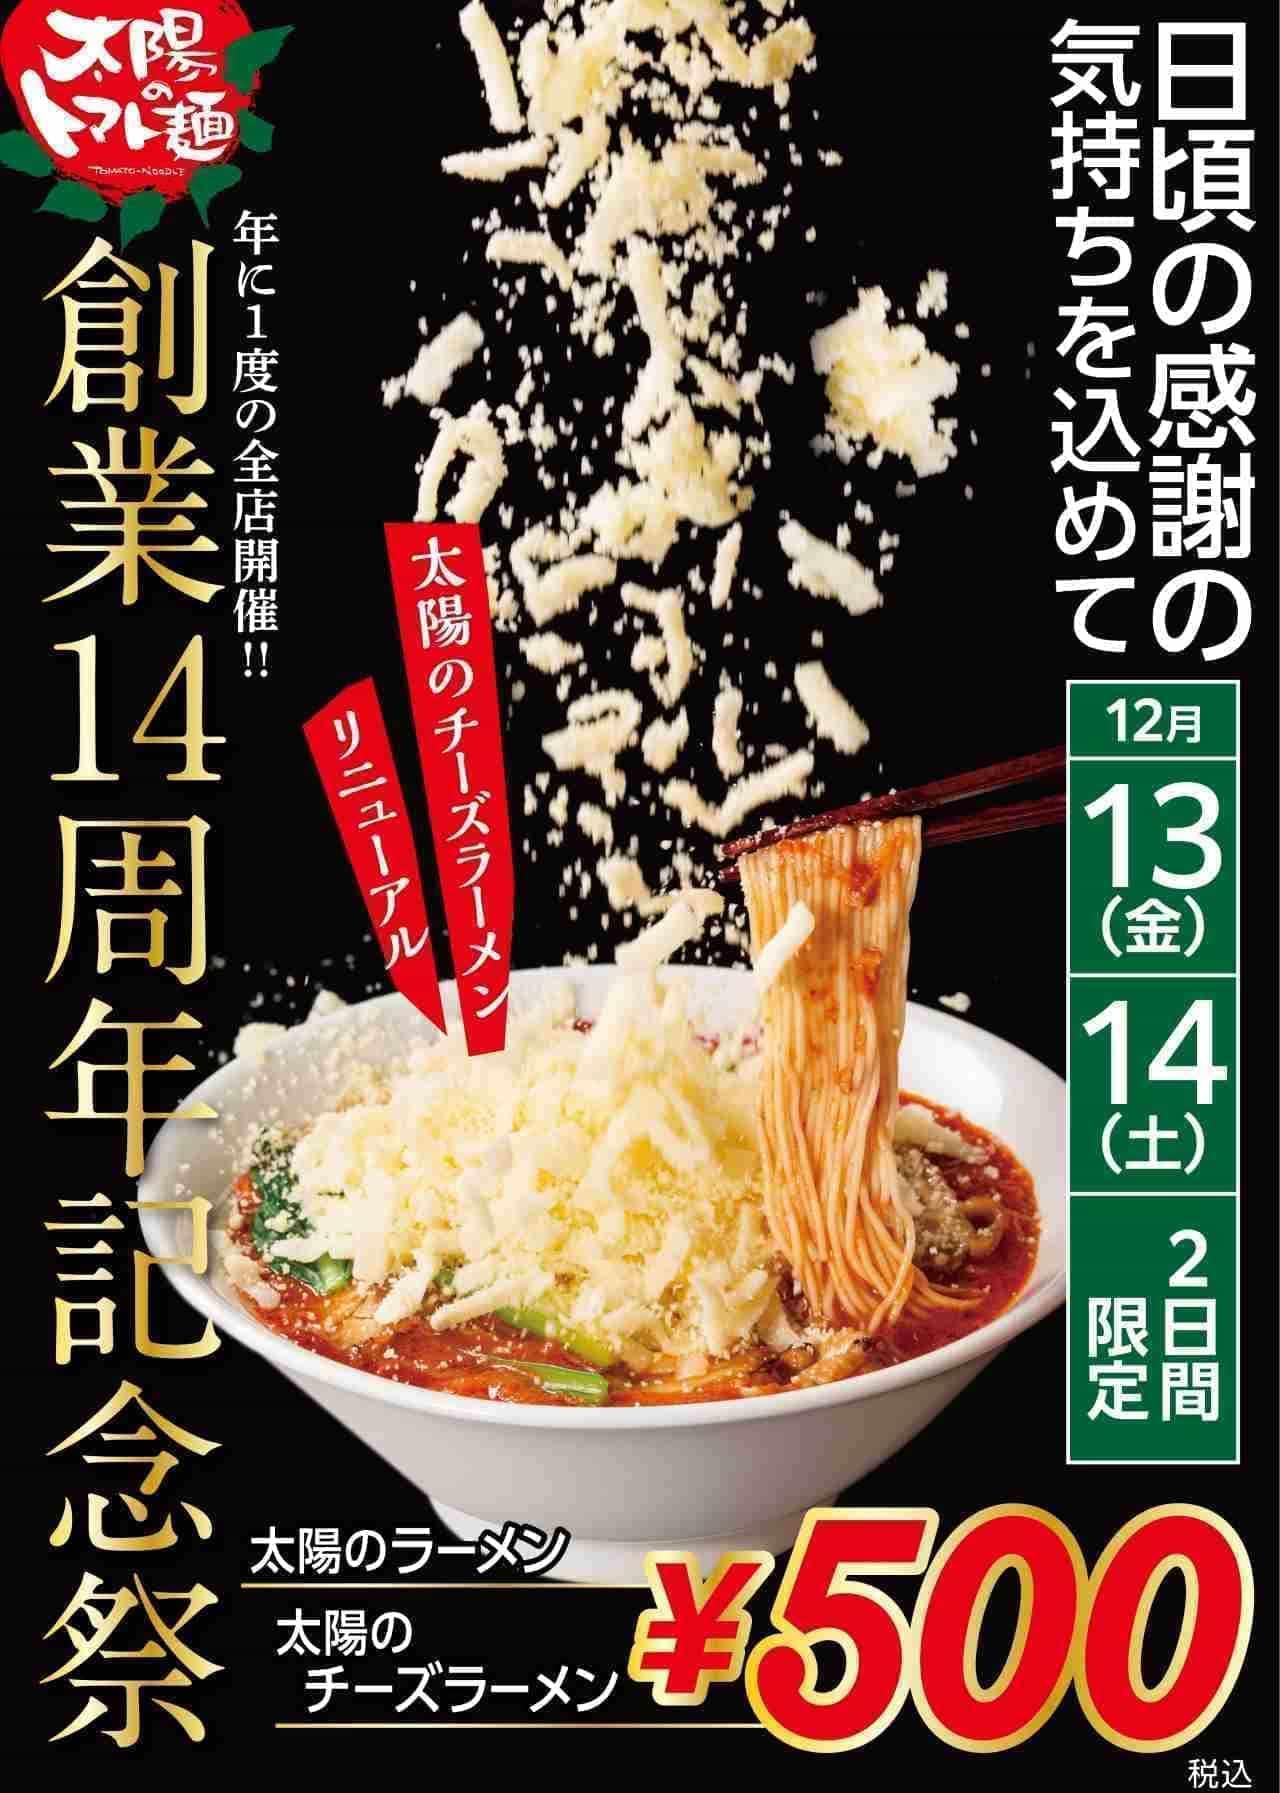 1杯500円!「太陽のトマト麺 創業14周年記念祭」